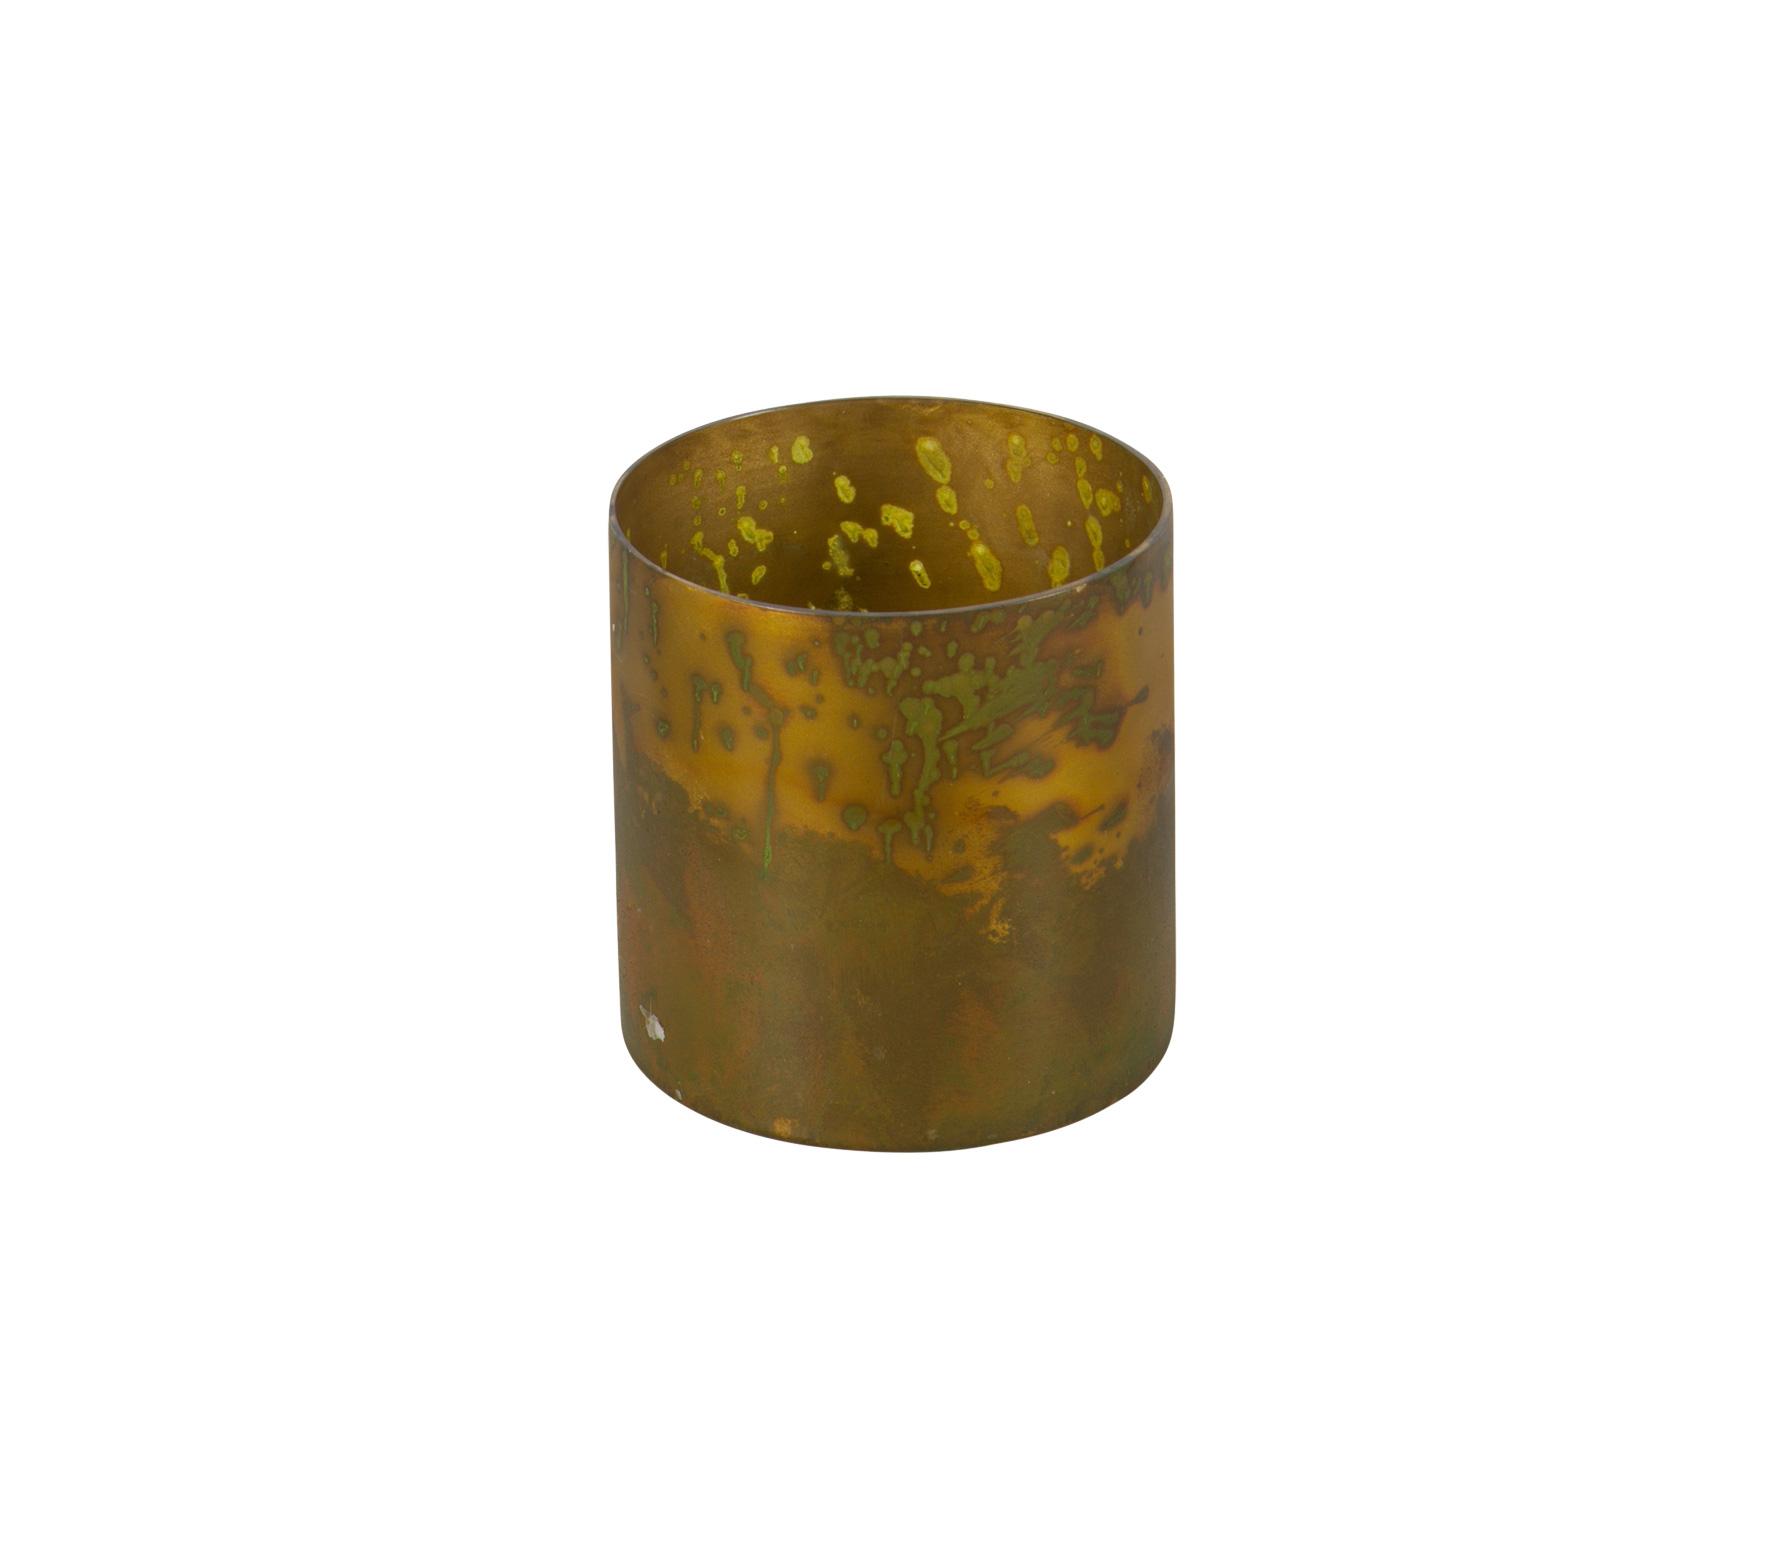 BrPuteHome Stardust glazen windlicht antique brass medium Ø10 voor